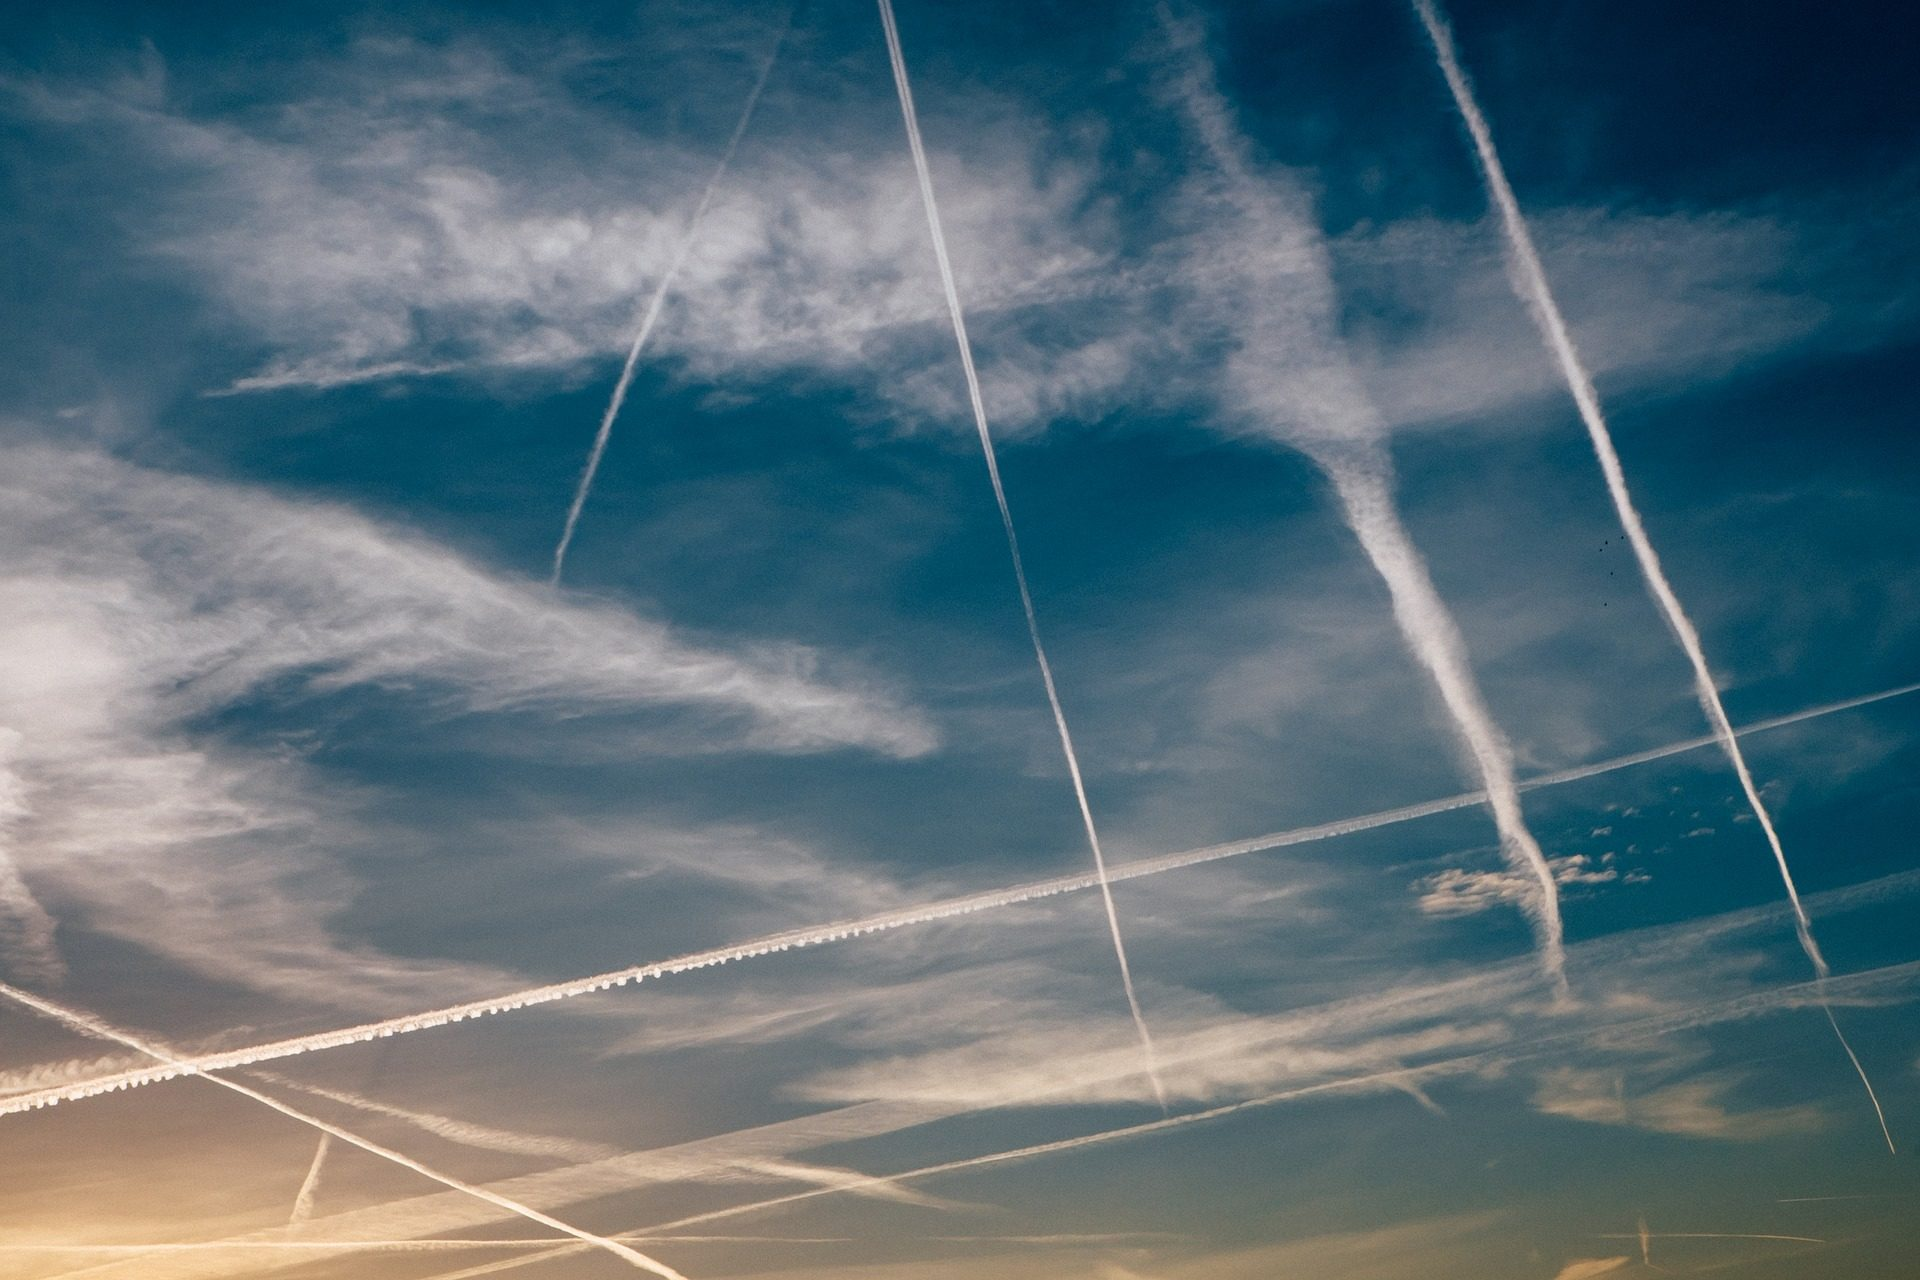 Ουρανός, σύννεφα, επιτύμβιες στήλες, αεροσκάφη, Ηλιοβασίλεμα - Wallpapers HD - Professor-falken.com